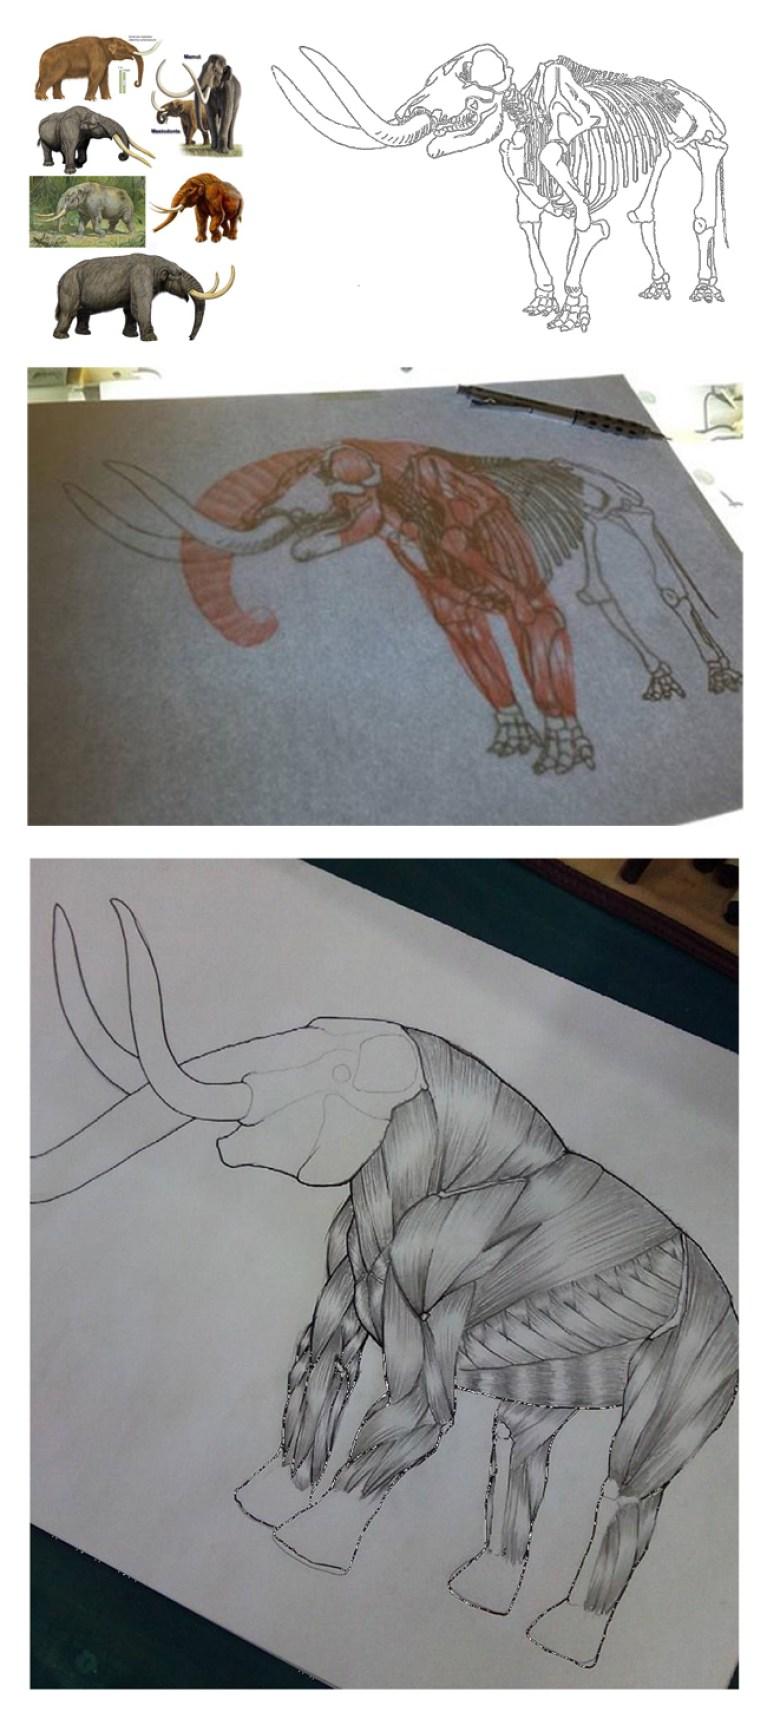 curso-ilustracion-dibujo-masterc10-academiac10-madrid-montaje-mastodonte